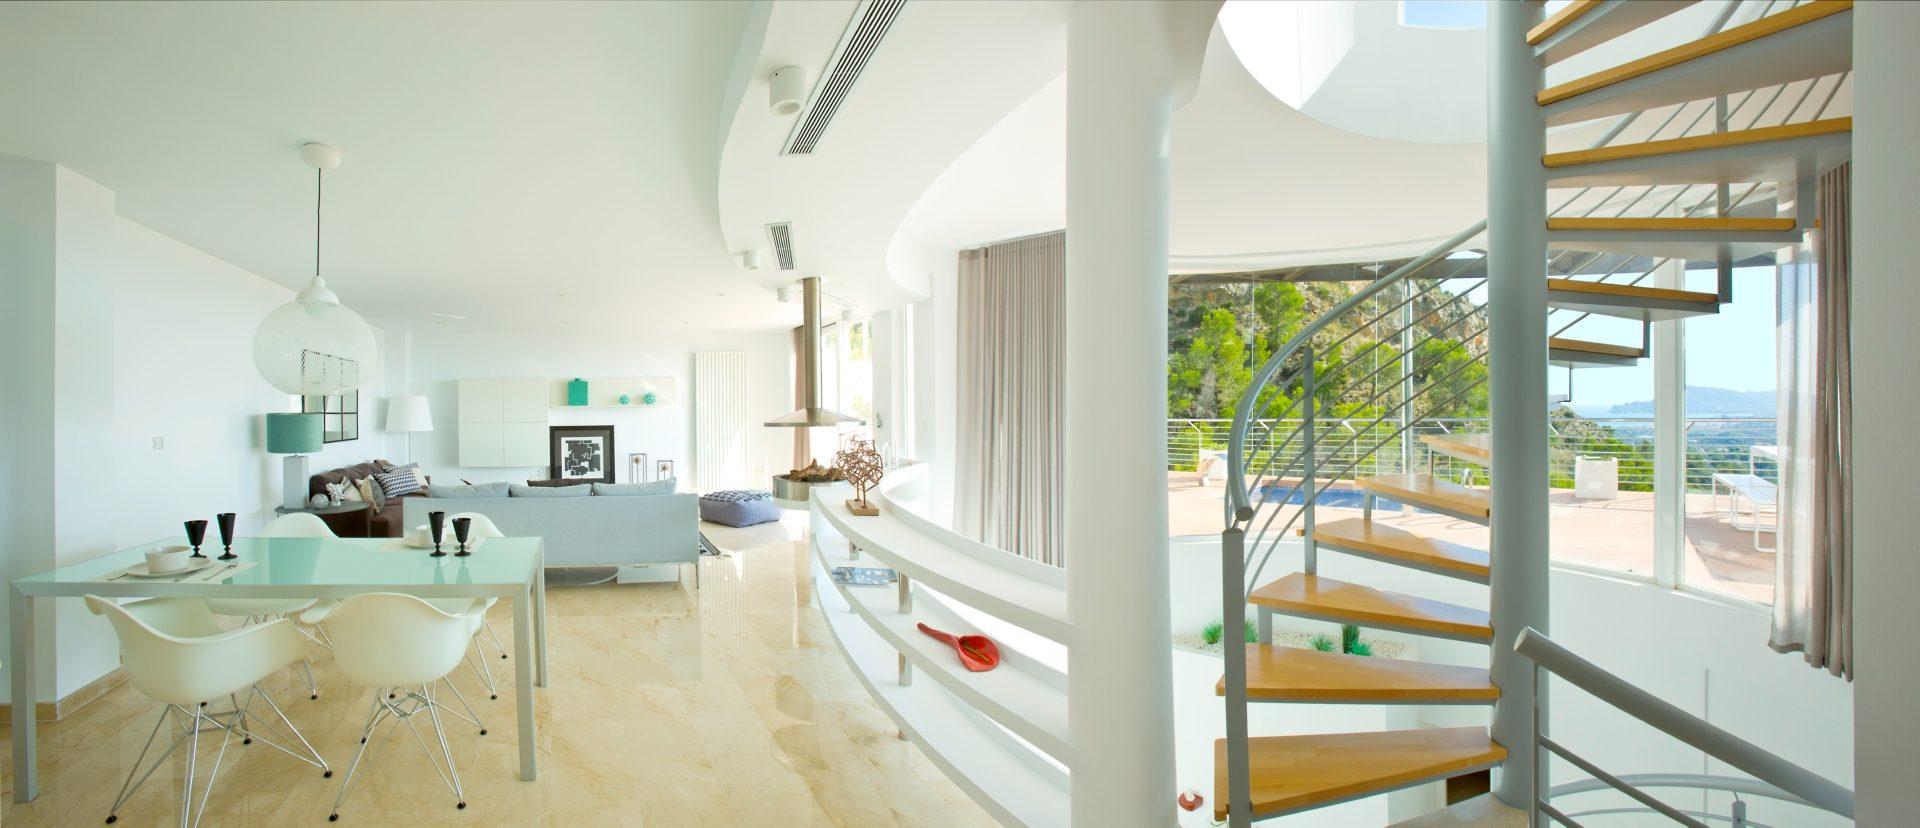 6 pièces 209 m² Maison